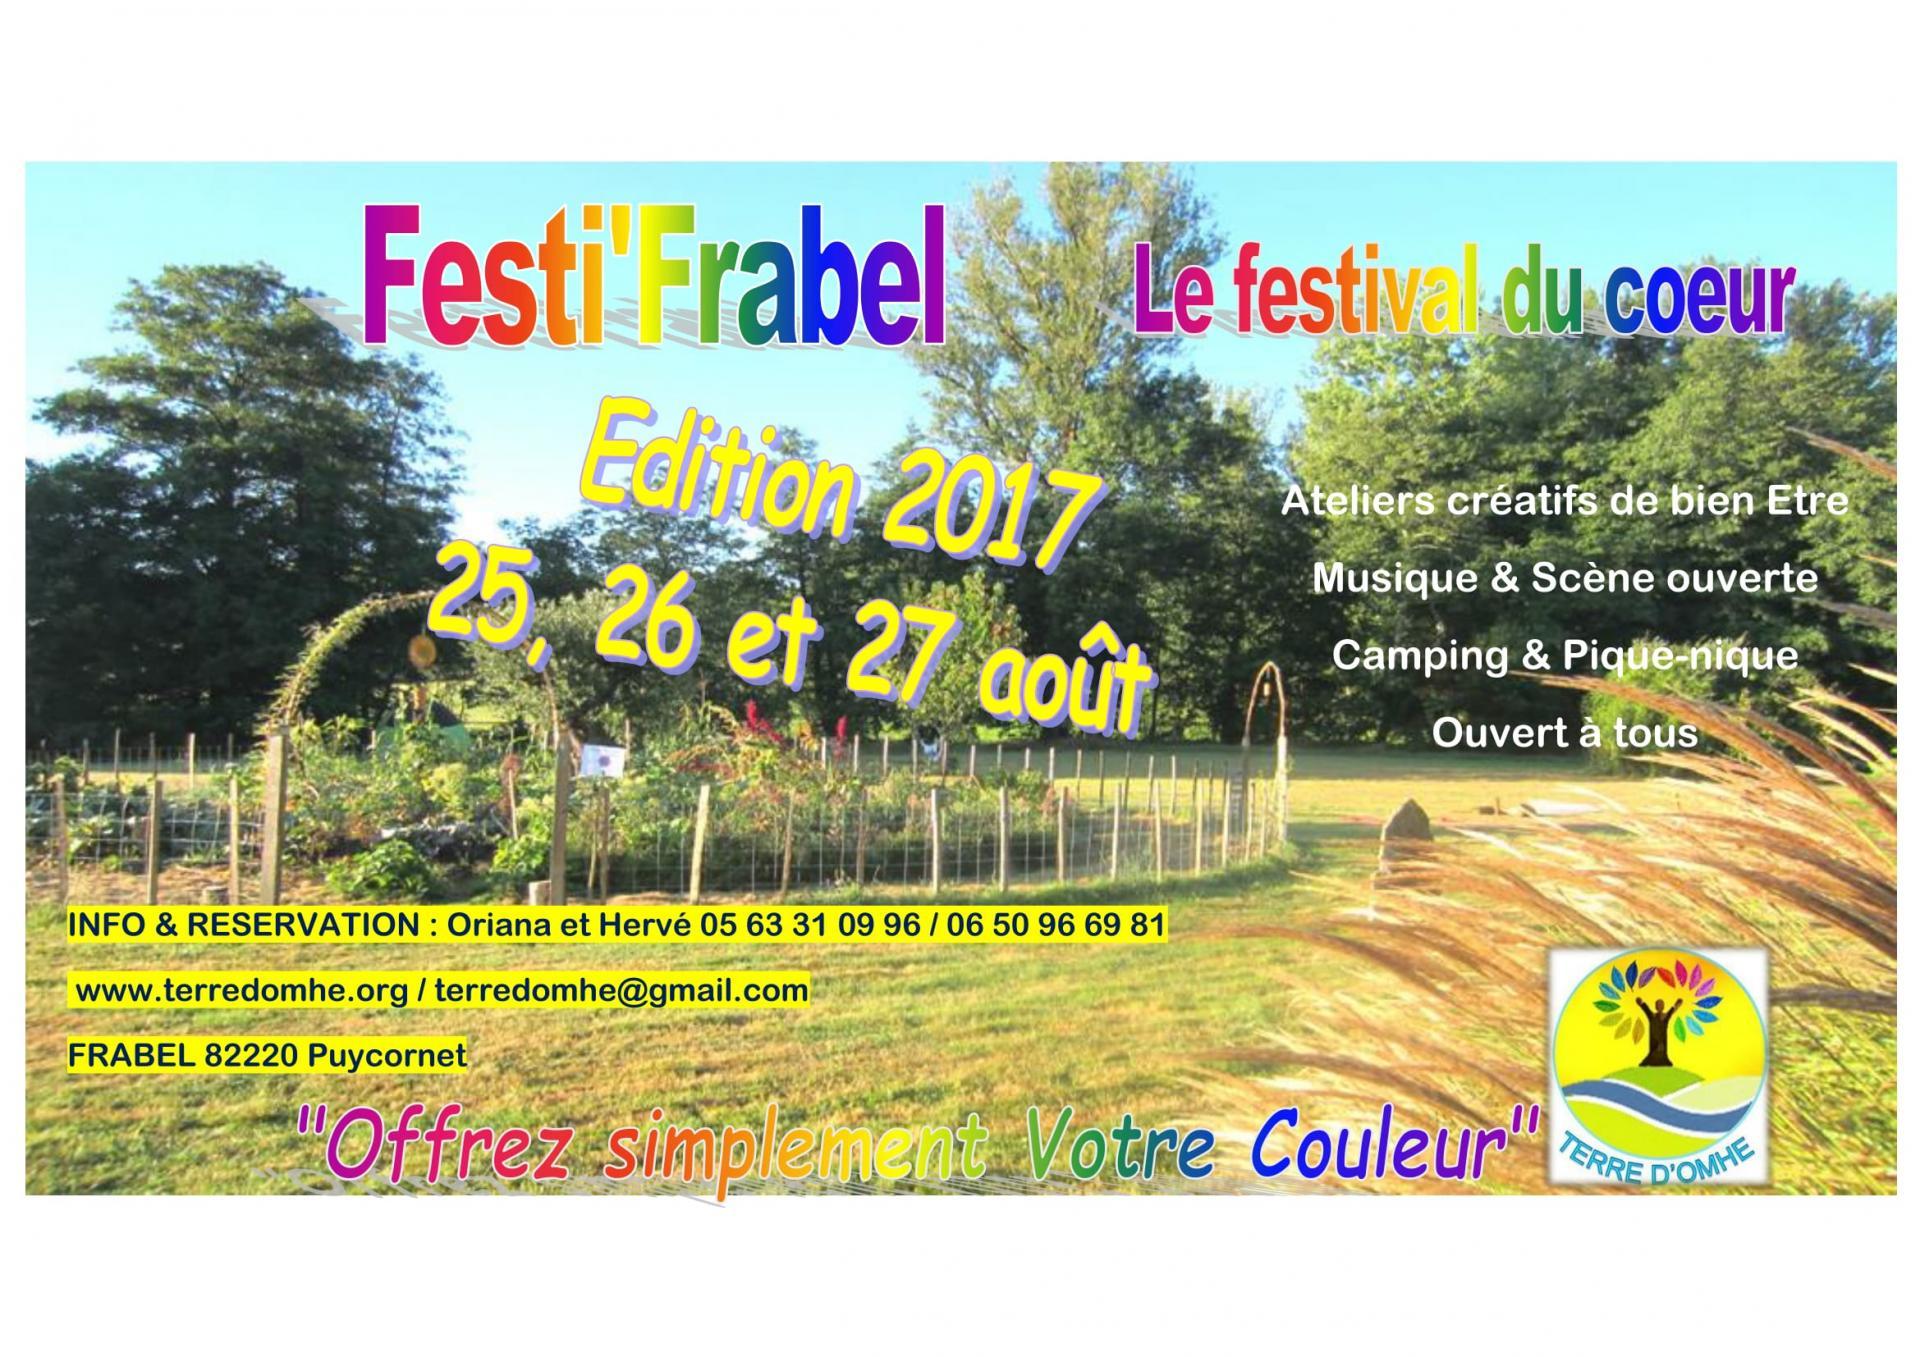 Festi frabel festival du coeur